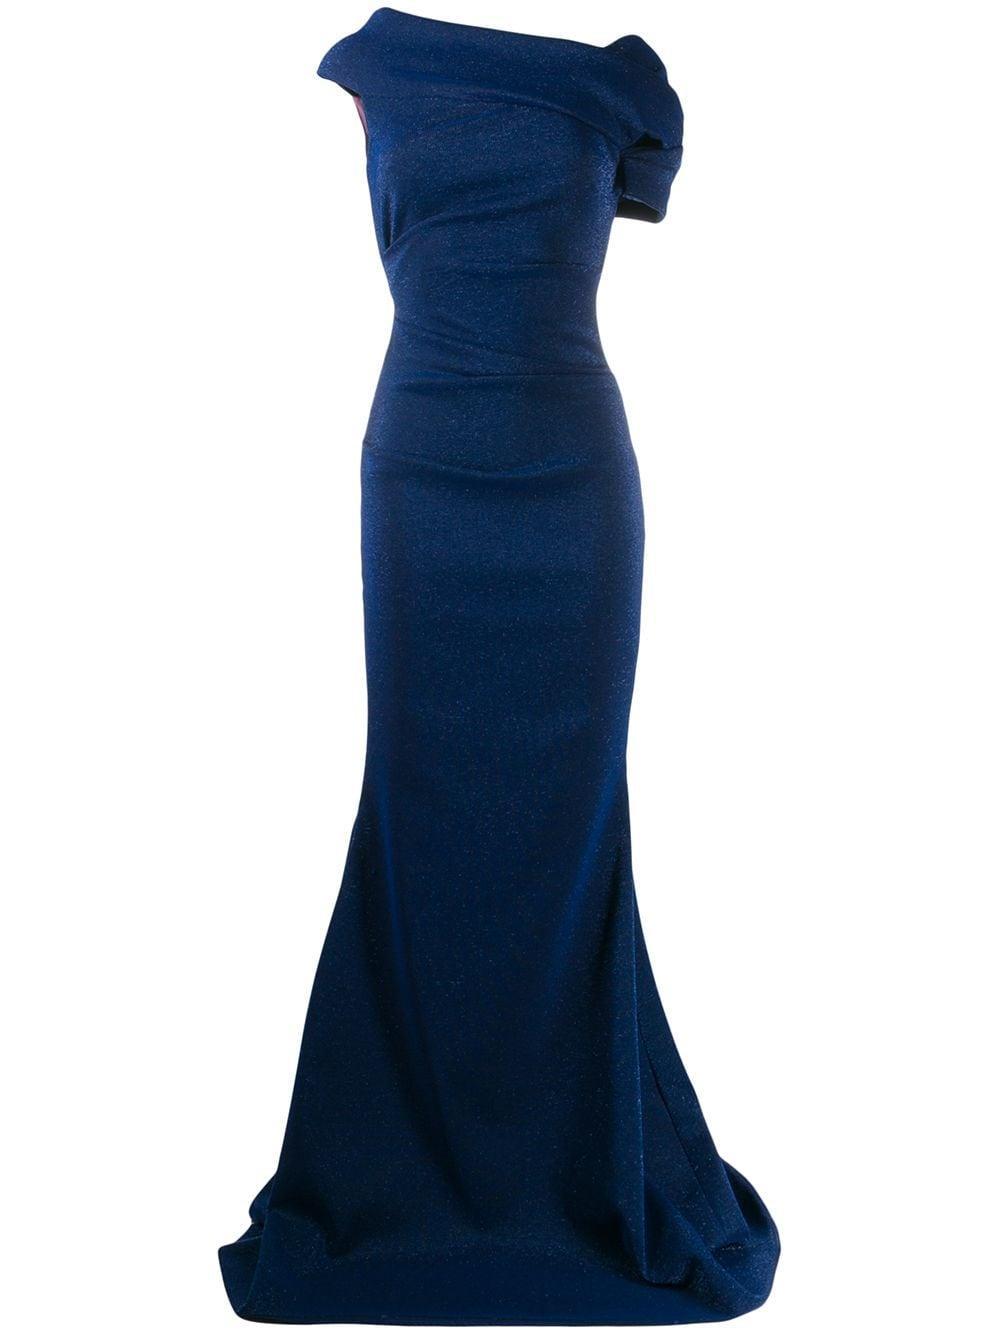 Bonette Gown Item # BONETTE1